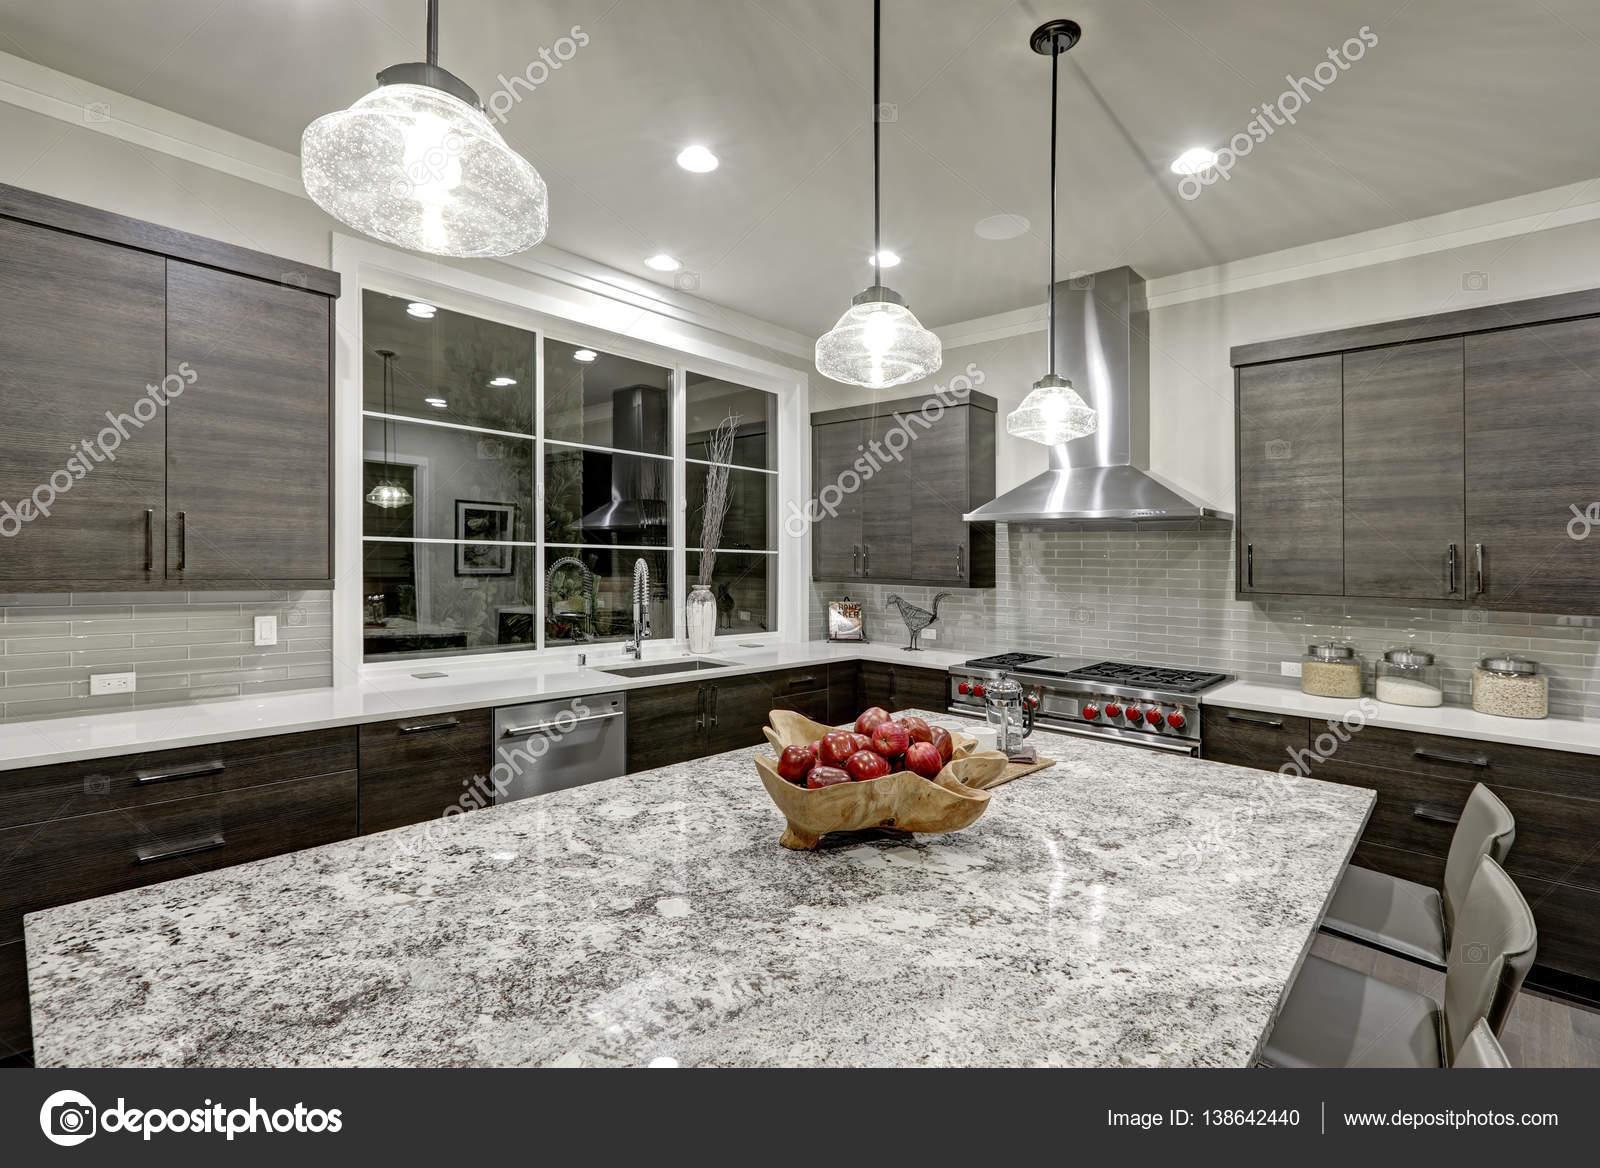 modern kitchen backsplash stainless steel racks 在新的豪华住宅的现代传统厨房设计 图库照片 c iriana88w 138642440 现代传统厨房设计在新豪华房子特色暗灰色文件柜 白色石英和花岗岩台面 光泽灰色线性平铺后挡板和大厨房岛